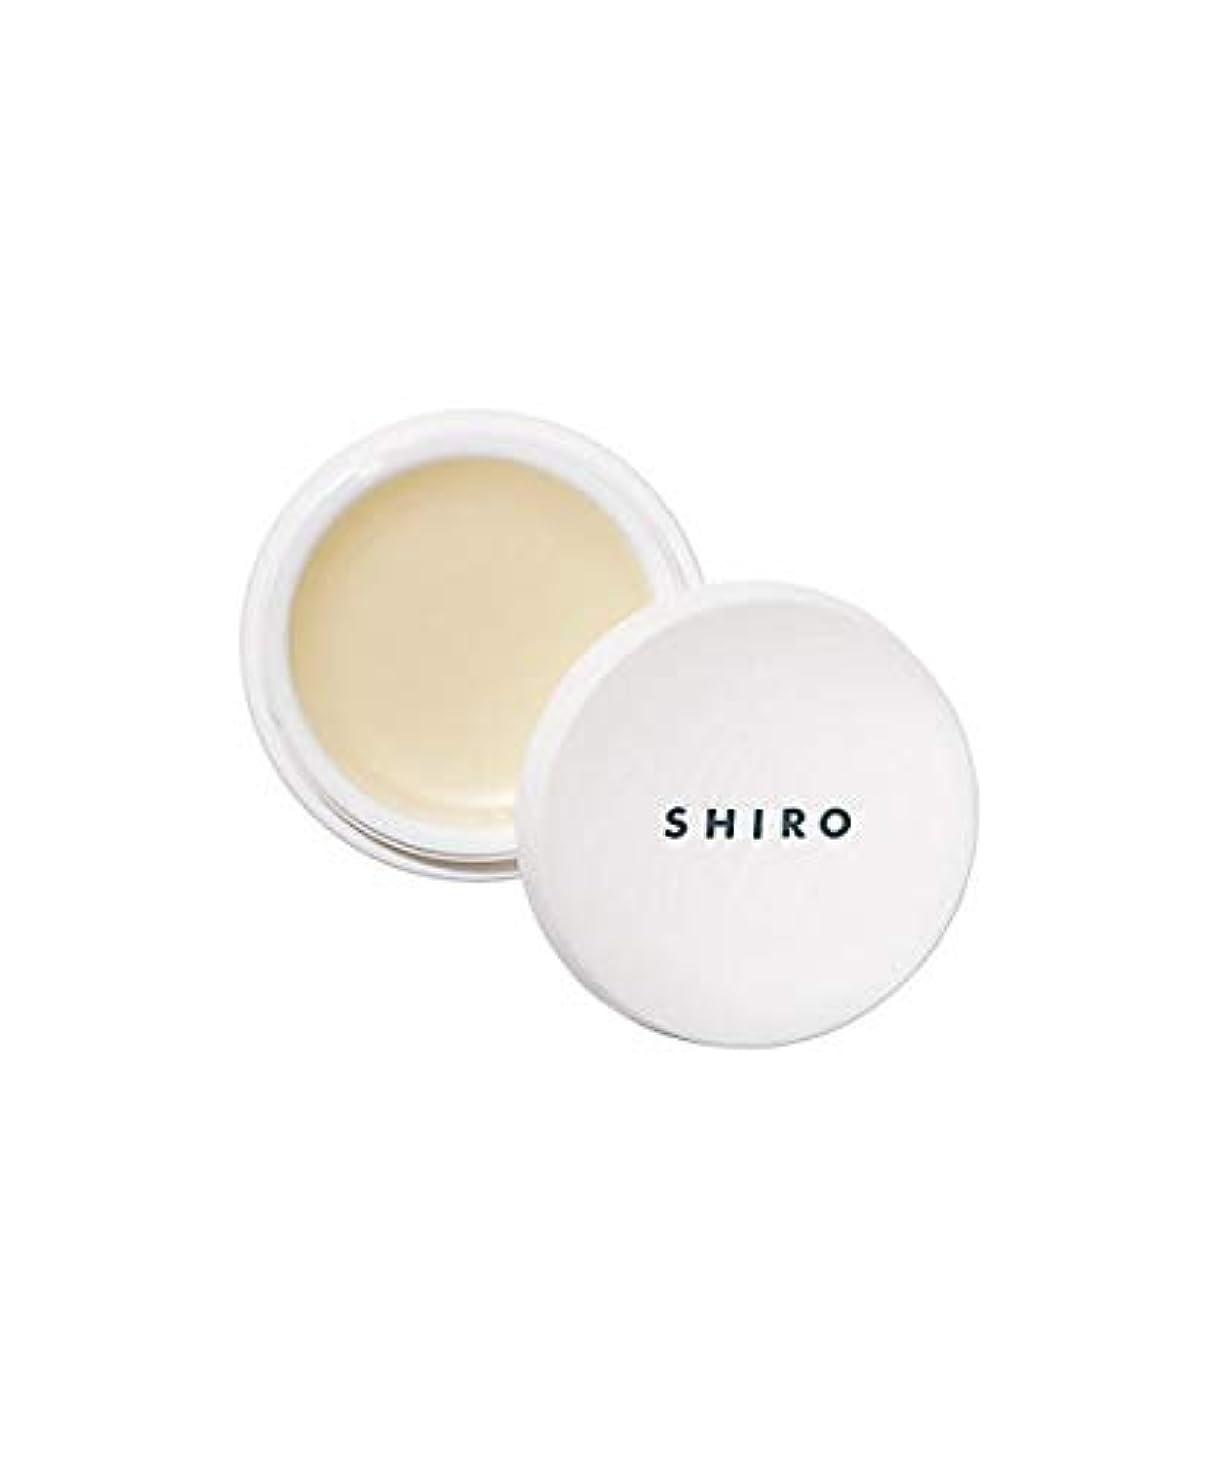 シェード雪書道shiro white tea ホワイトティー 練り香水 12g